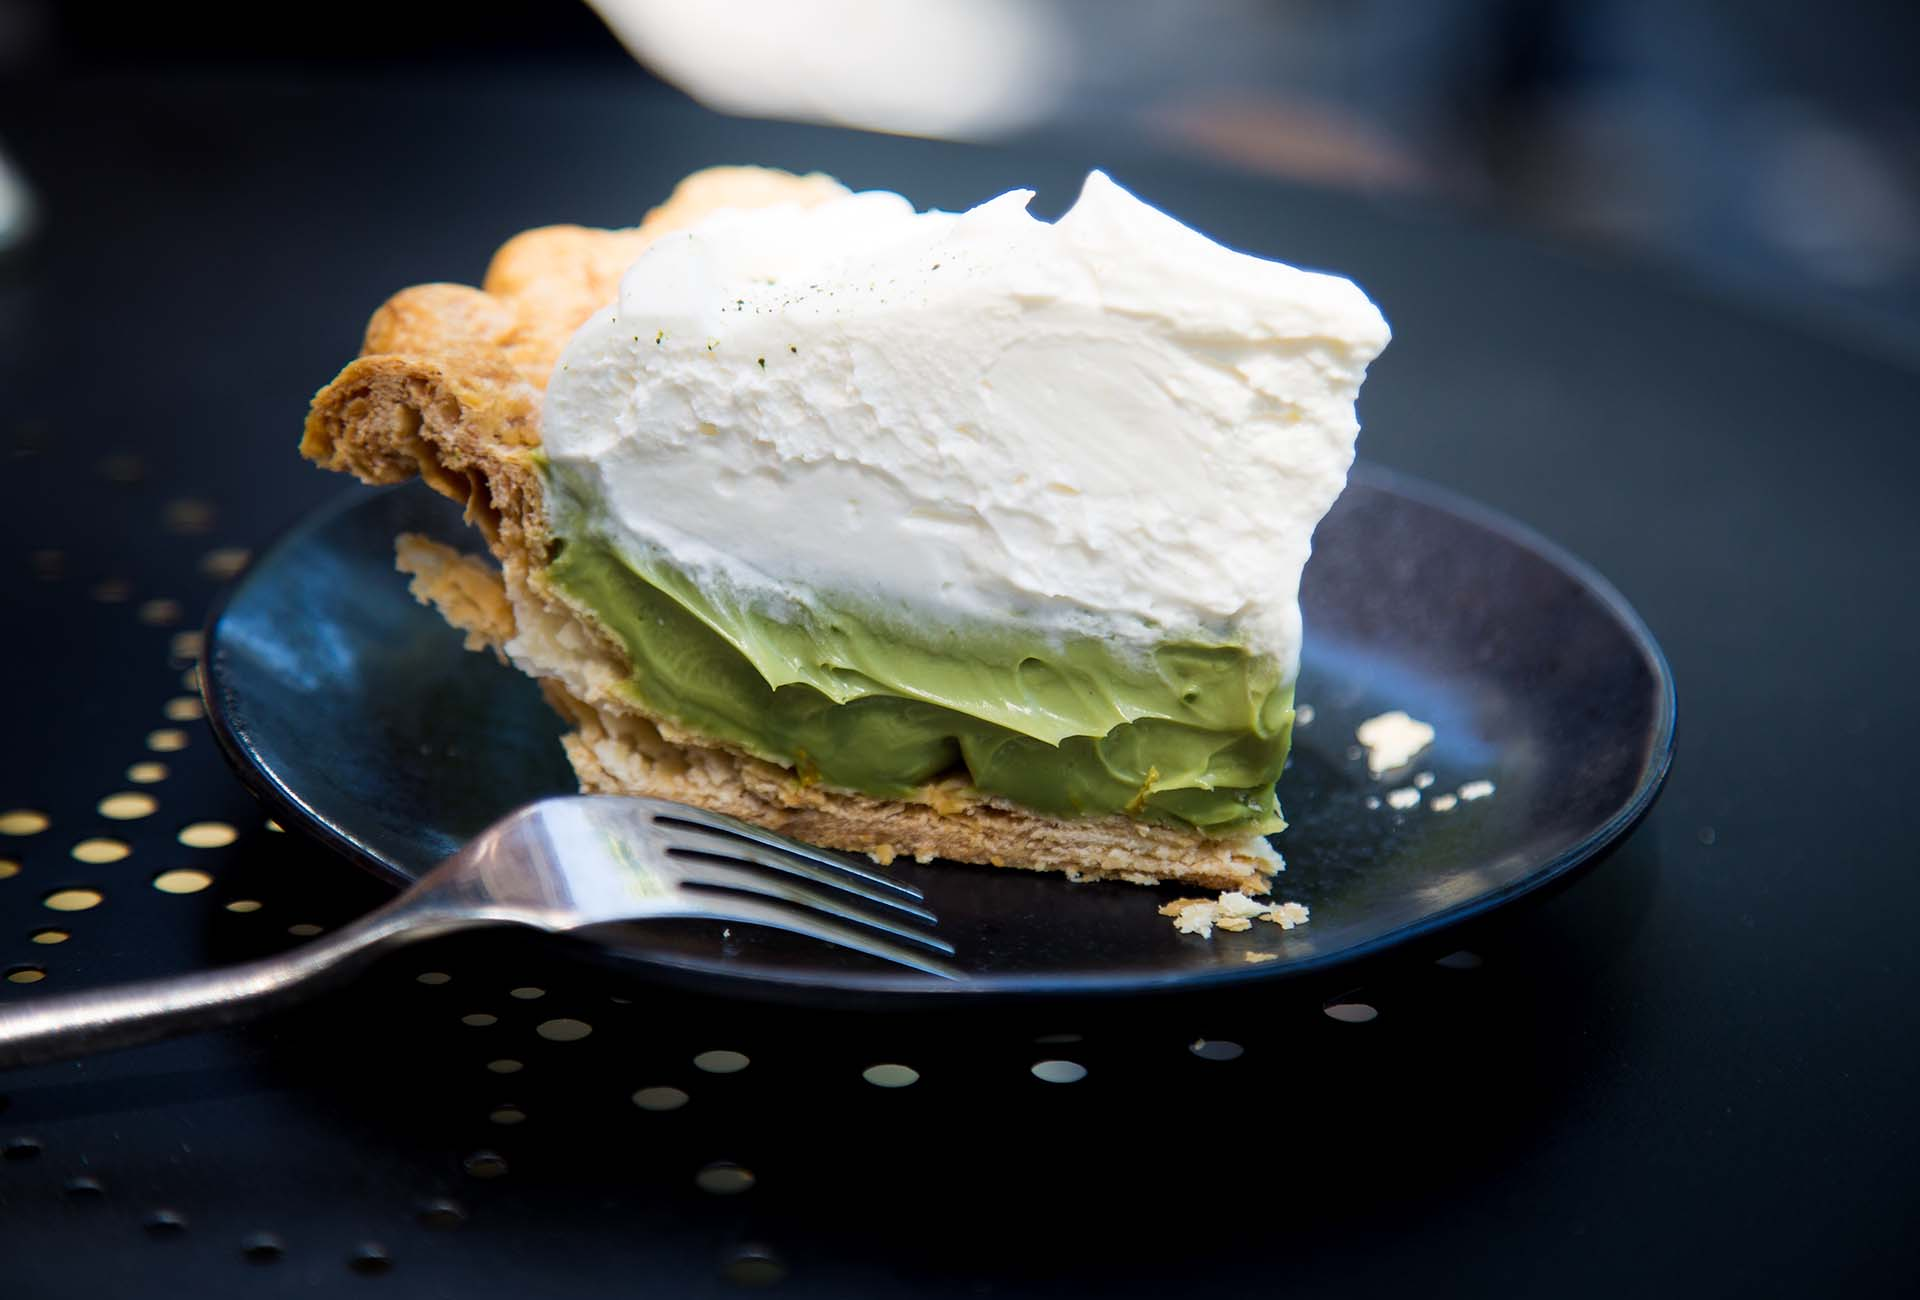 The Stonemill Matcha matcha cream pie